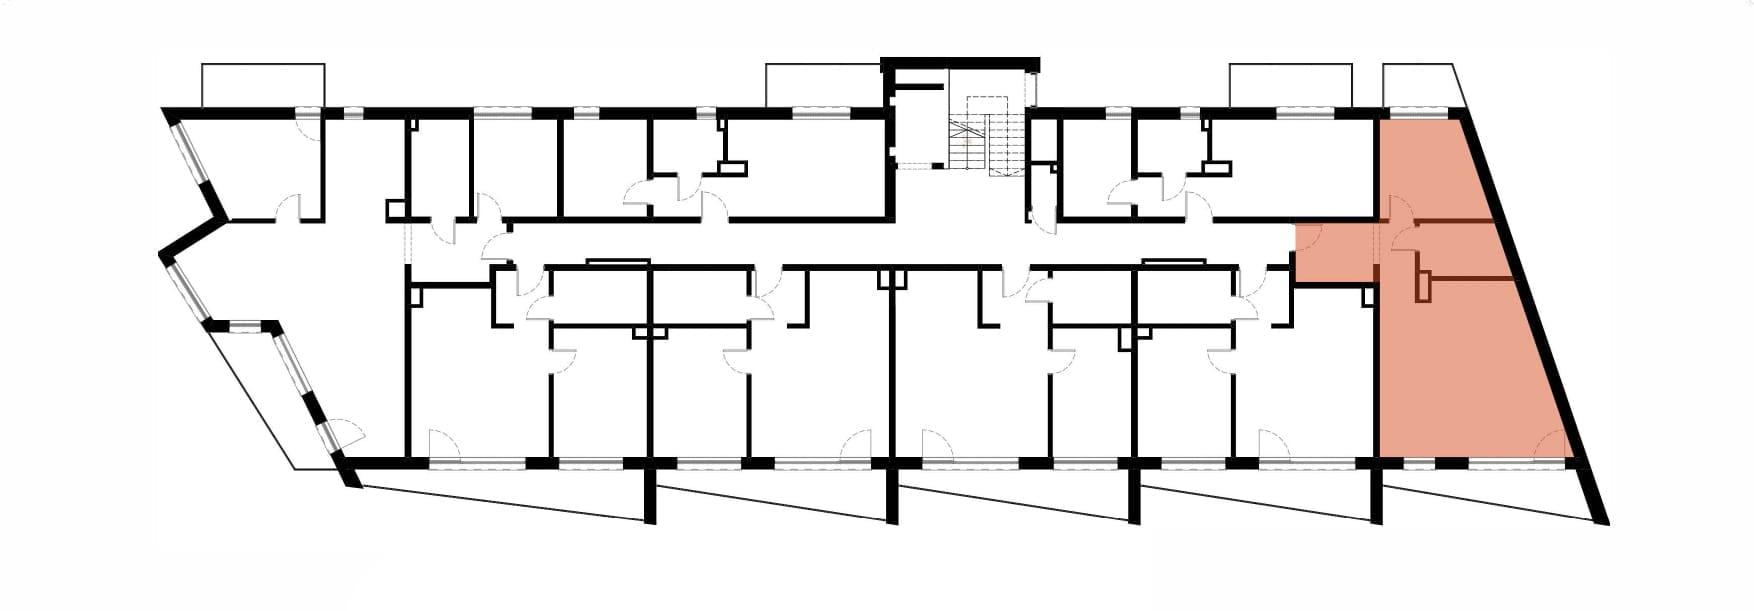 Apartamenty Kamienna / apartamenty inwestycyjne M17 rzut 2